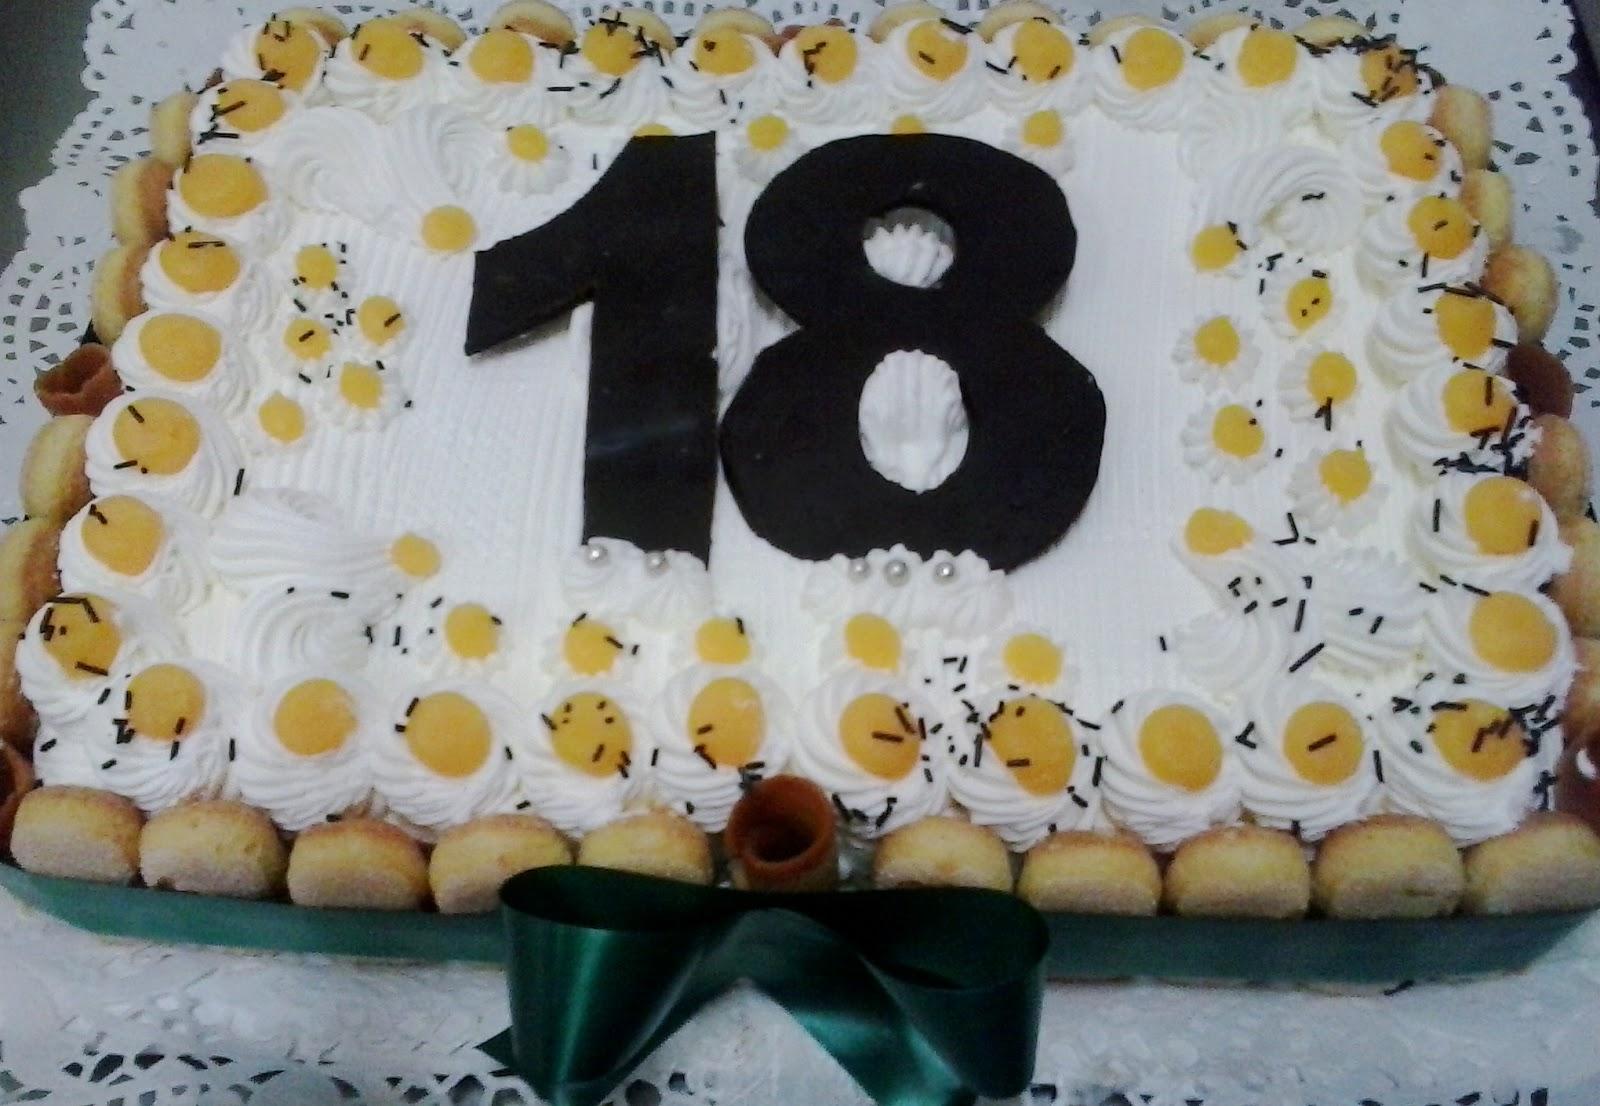 Disenos de pasteles para 18 anos 4 decoracion de - 18 cumpleanos ideas ...